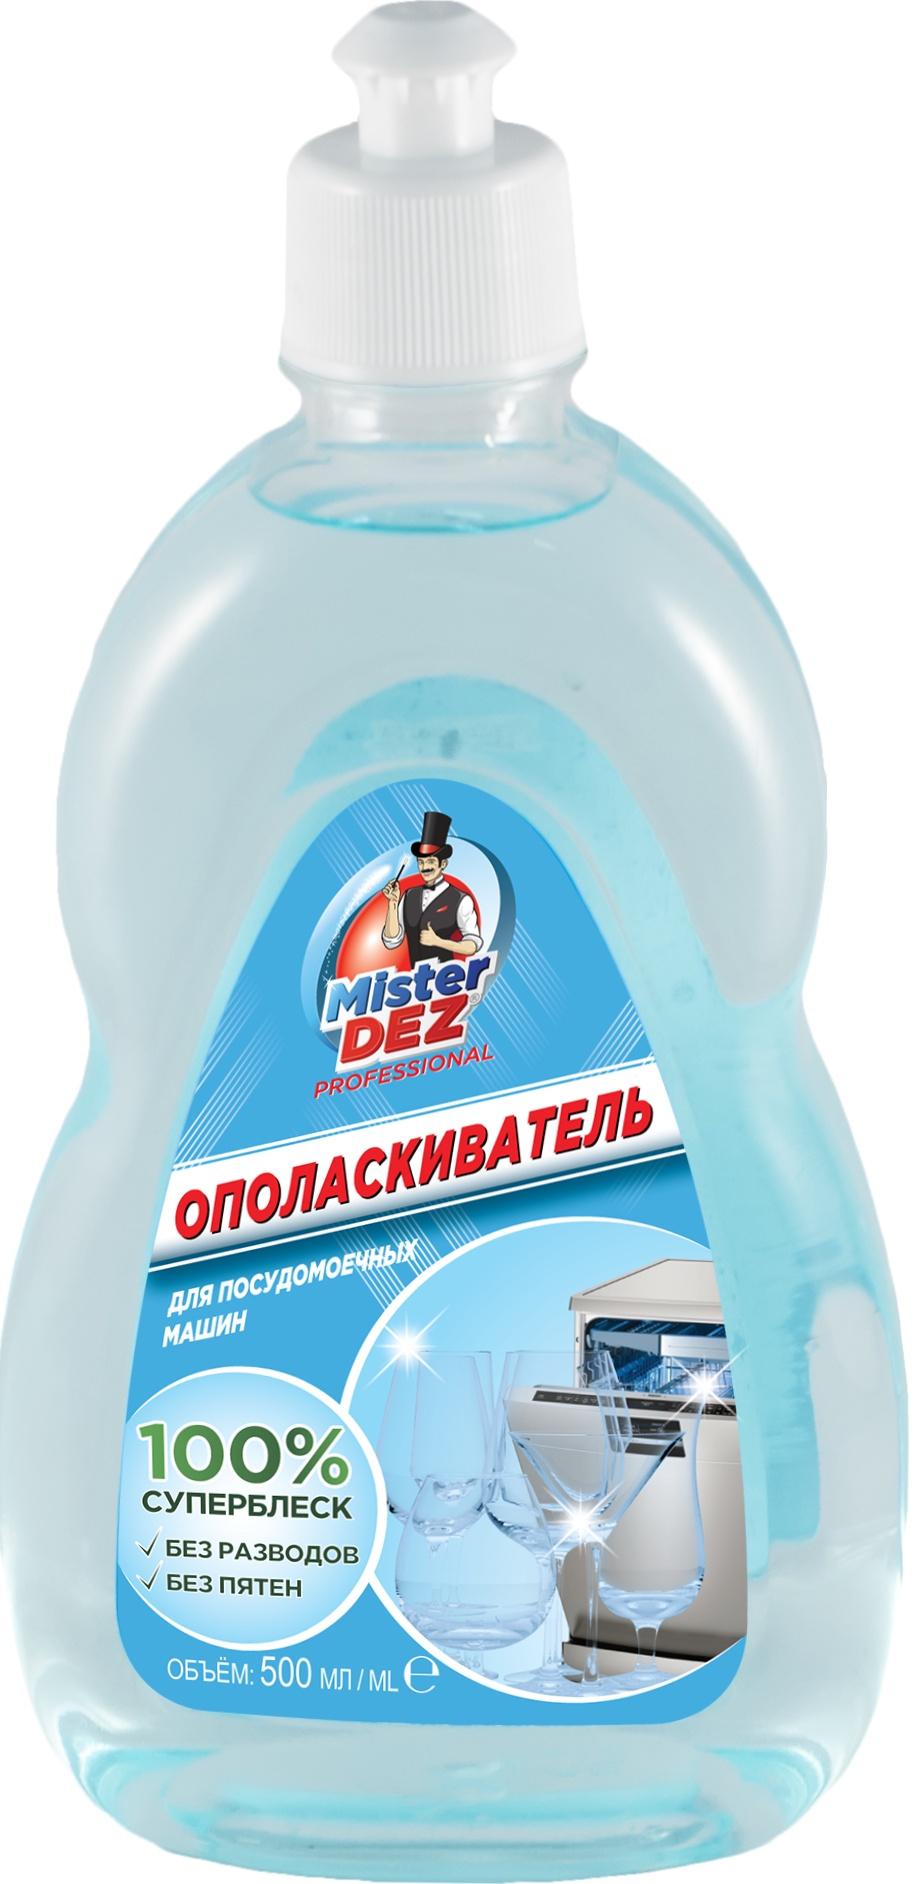 Ополаскиватель Mister Dez PROFESSIONAL для посудомоечных машин 500 мл недорго, оригинальная цена